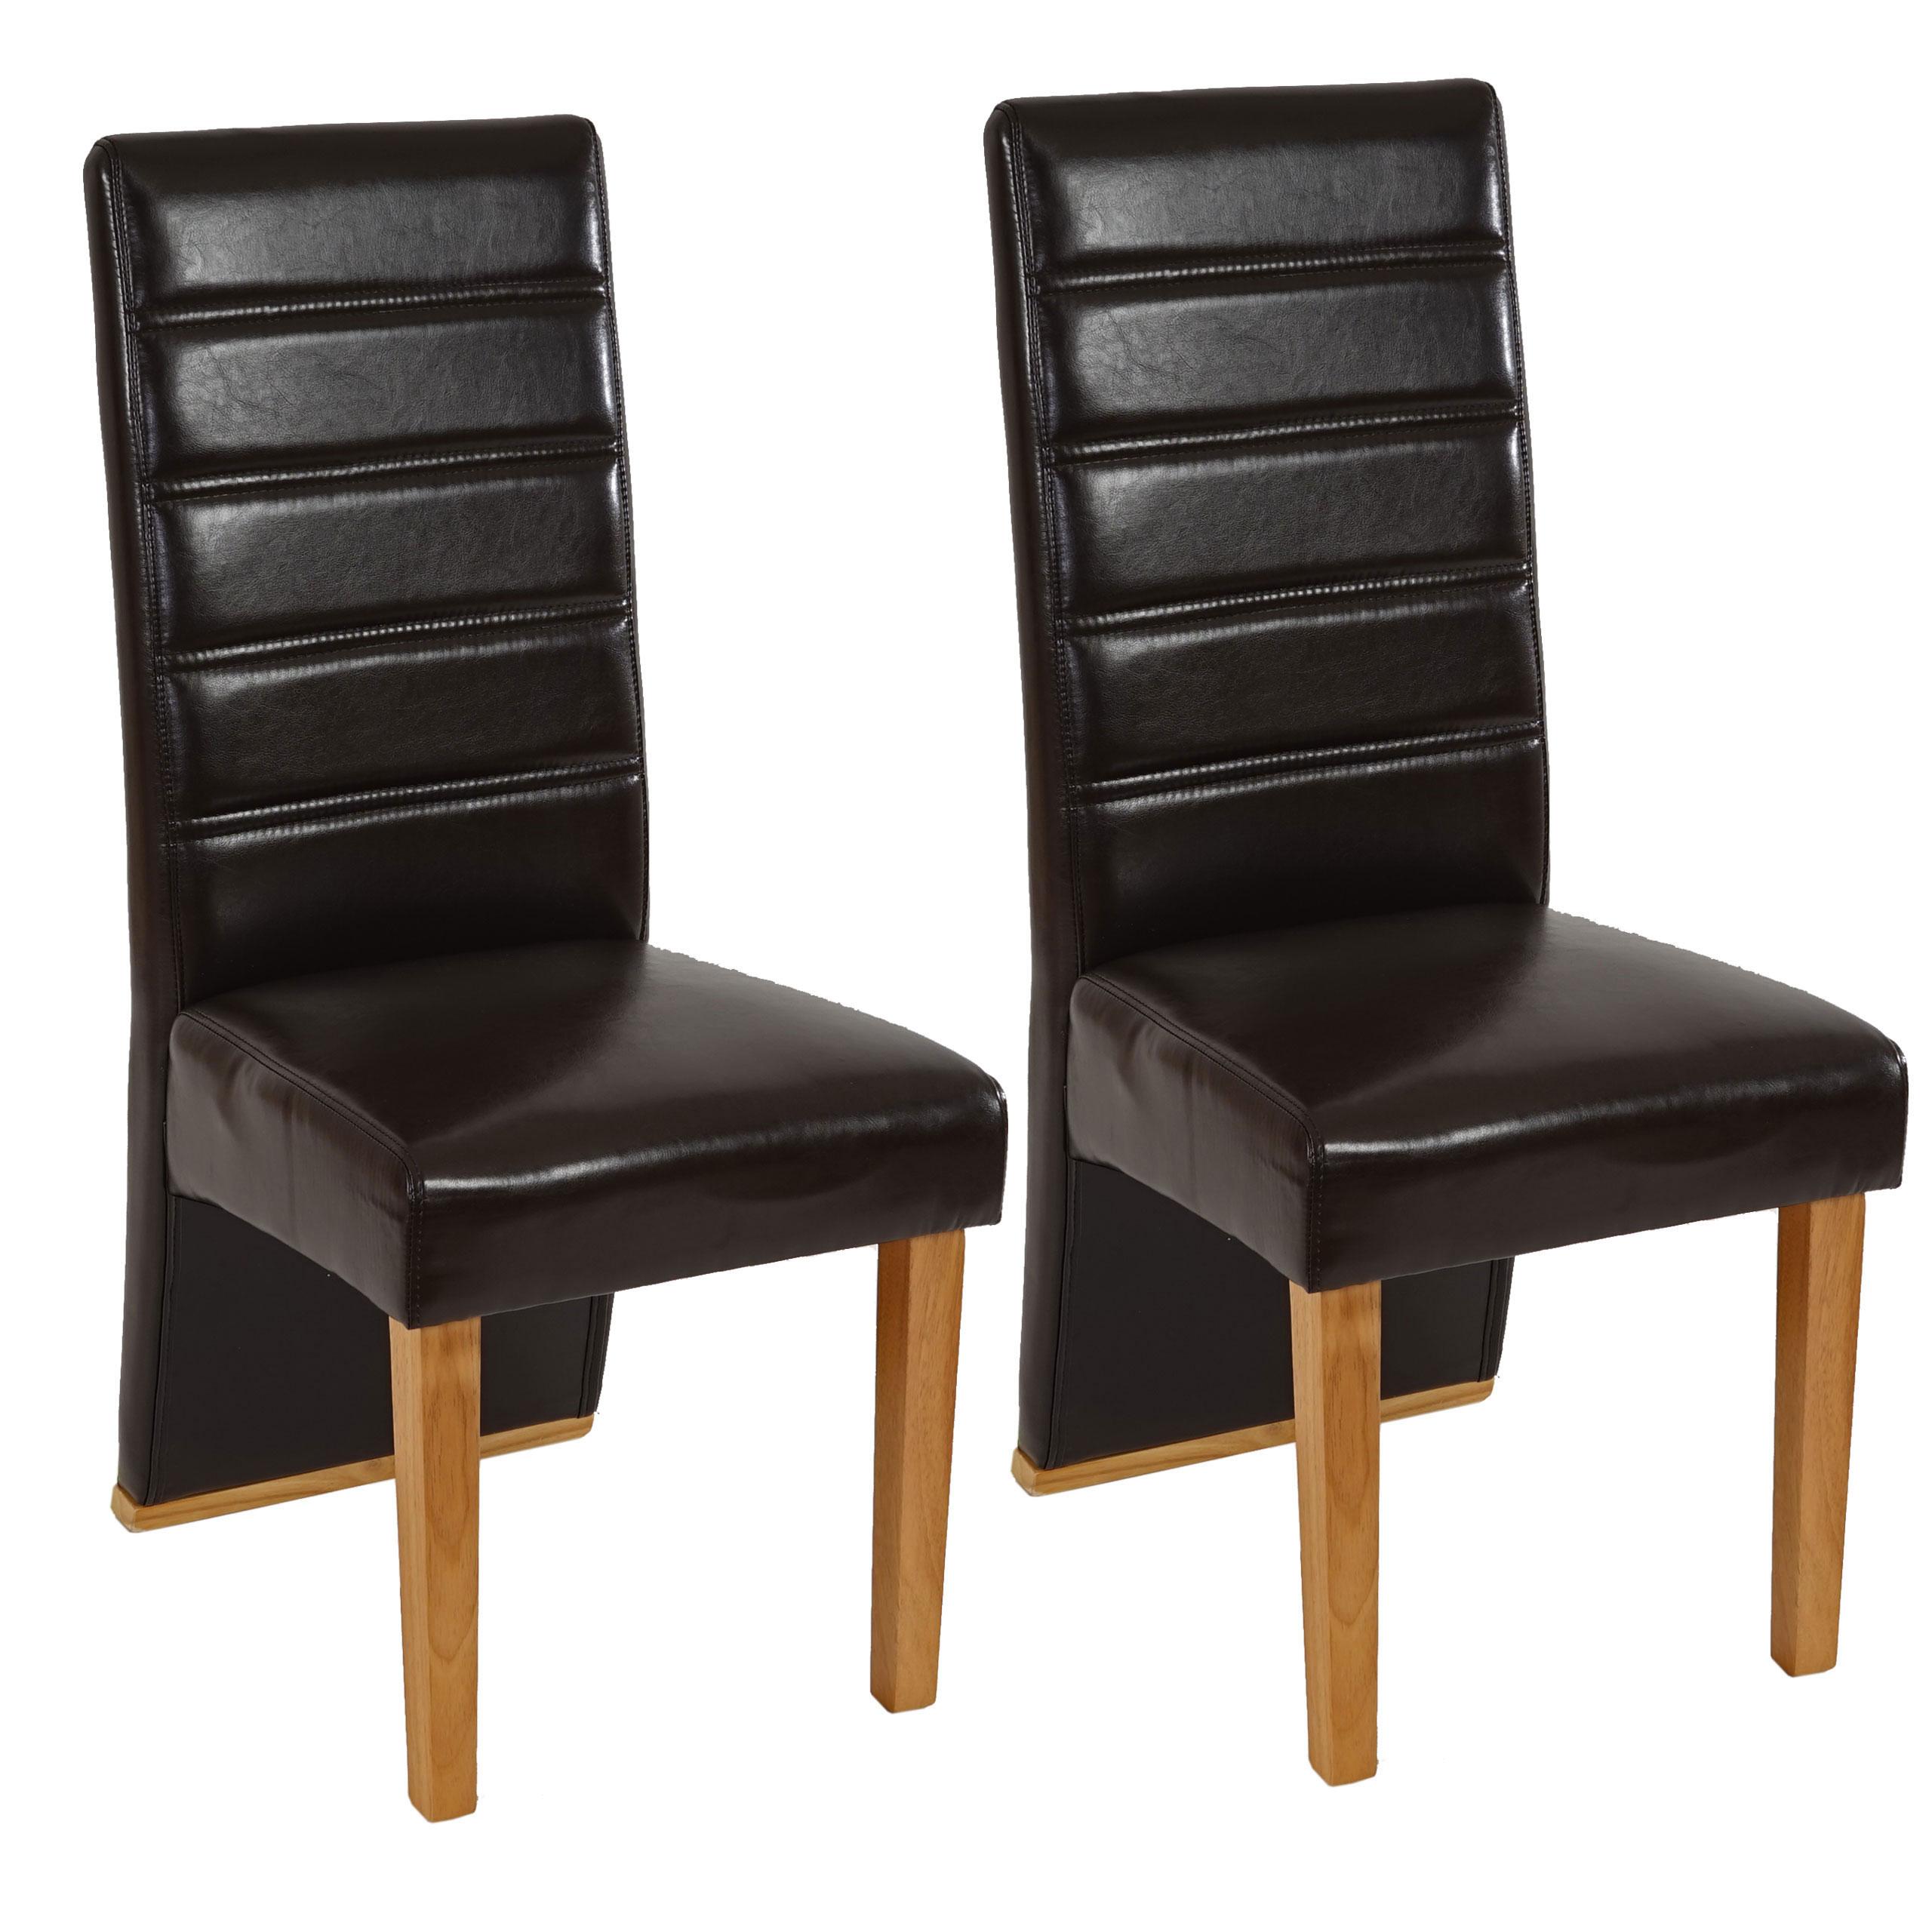 2x esszimmerstuhl krems stuhl lehnstuhl hochlehner for Kunstleder stuhl braun